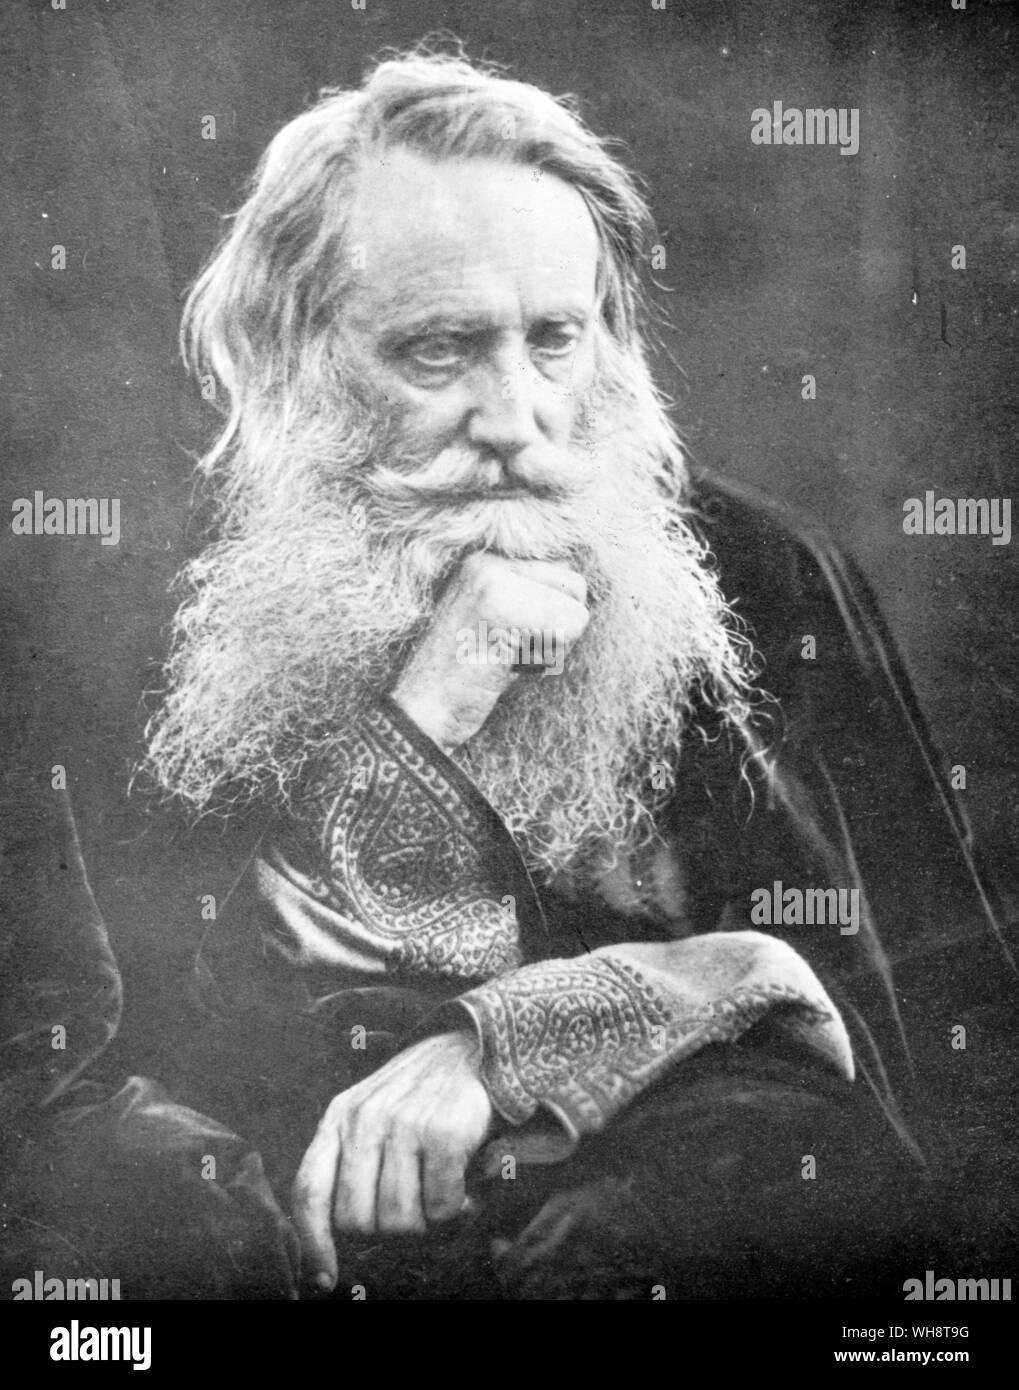 Sir Henry Taylor en sus mediados de los sesenta fue en Inglaterra intelectual del siglo XIX, una de las figuras veneradas Foto de stock